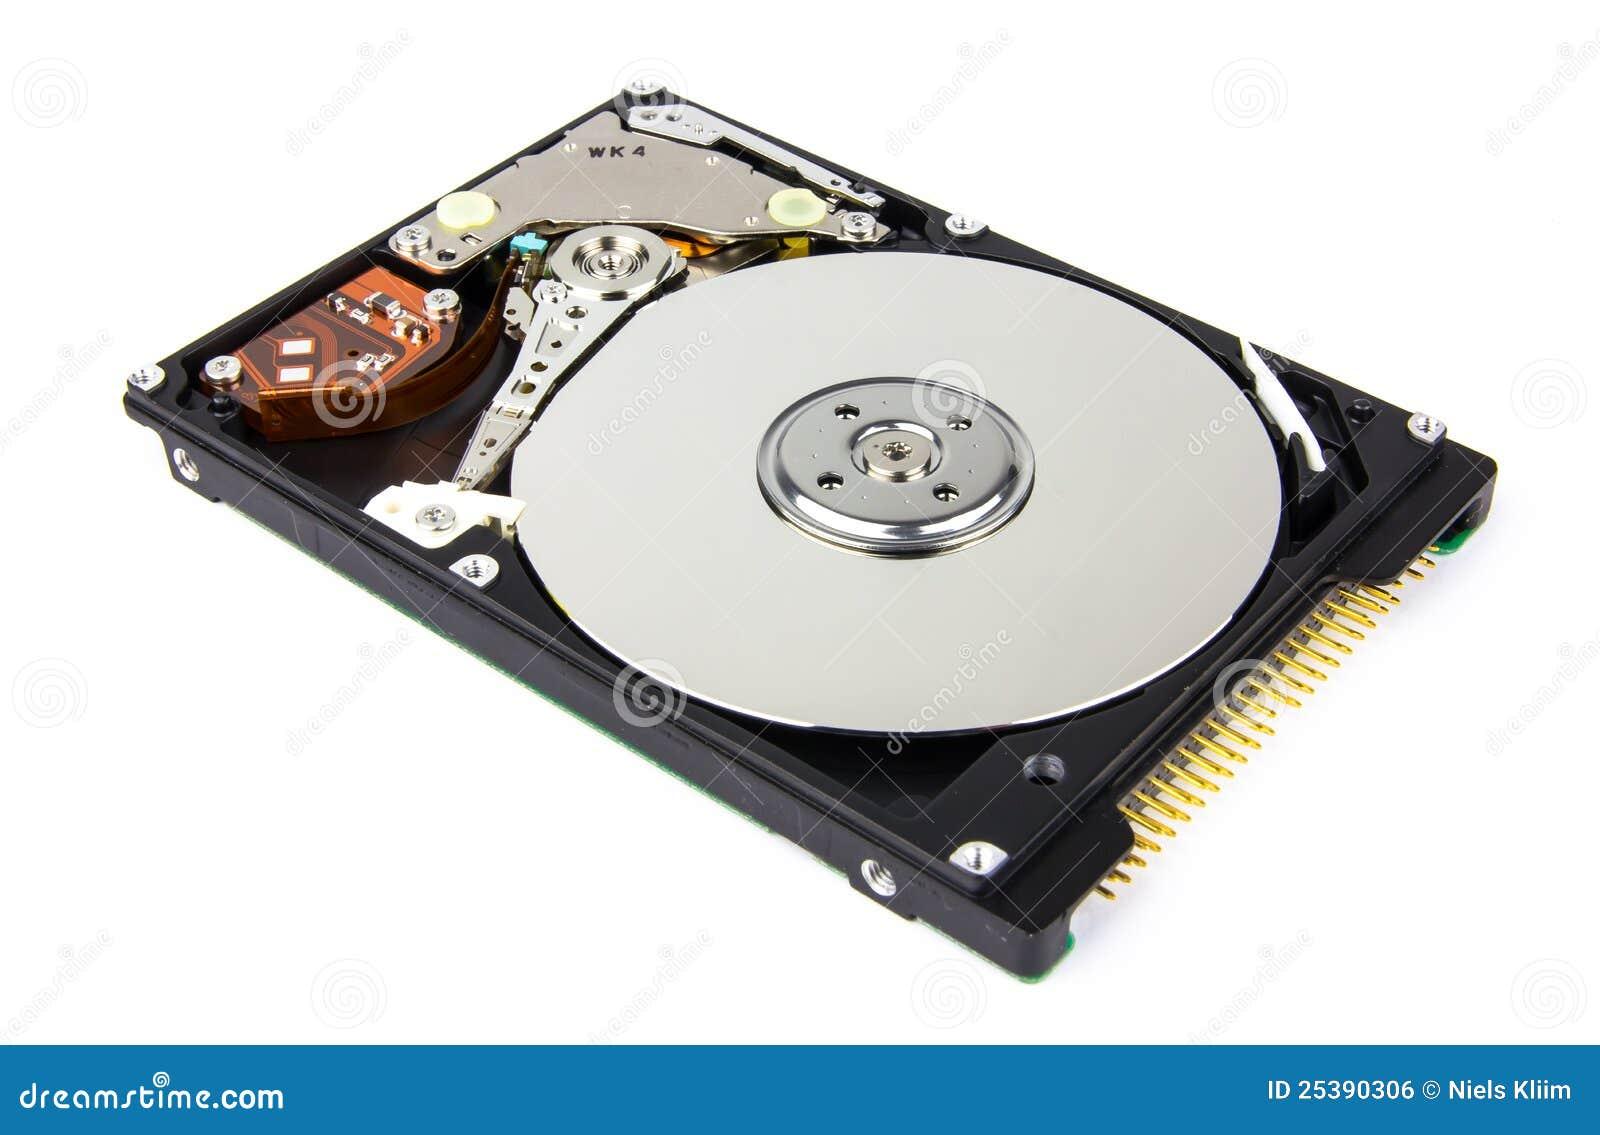 vue int rieure d 39 un disque dur photo stock image du medias dispositif 25390306. Black Bedroom Furniture Sets. Home Design Ideas